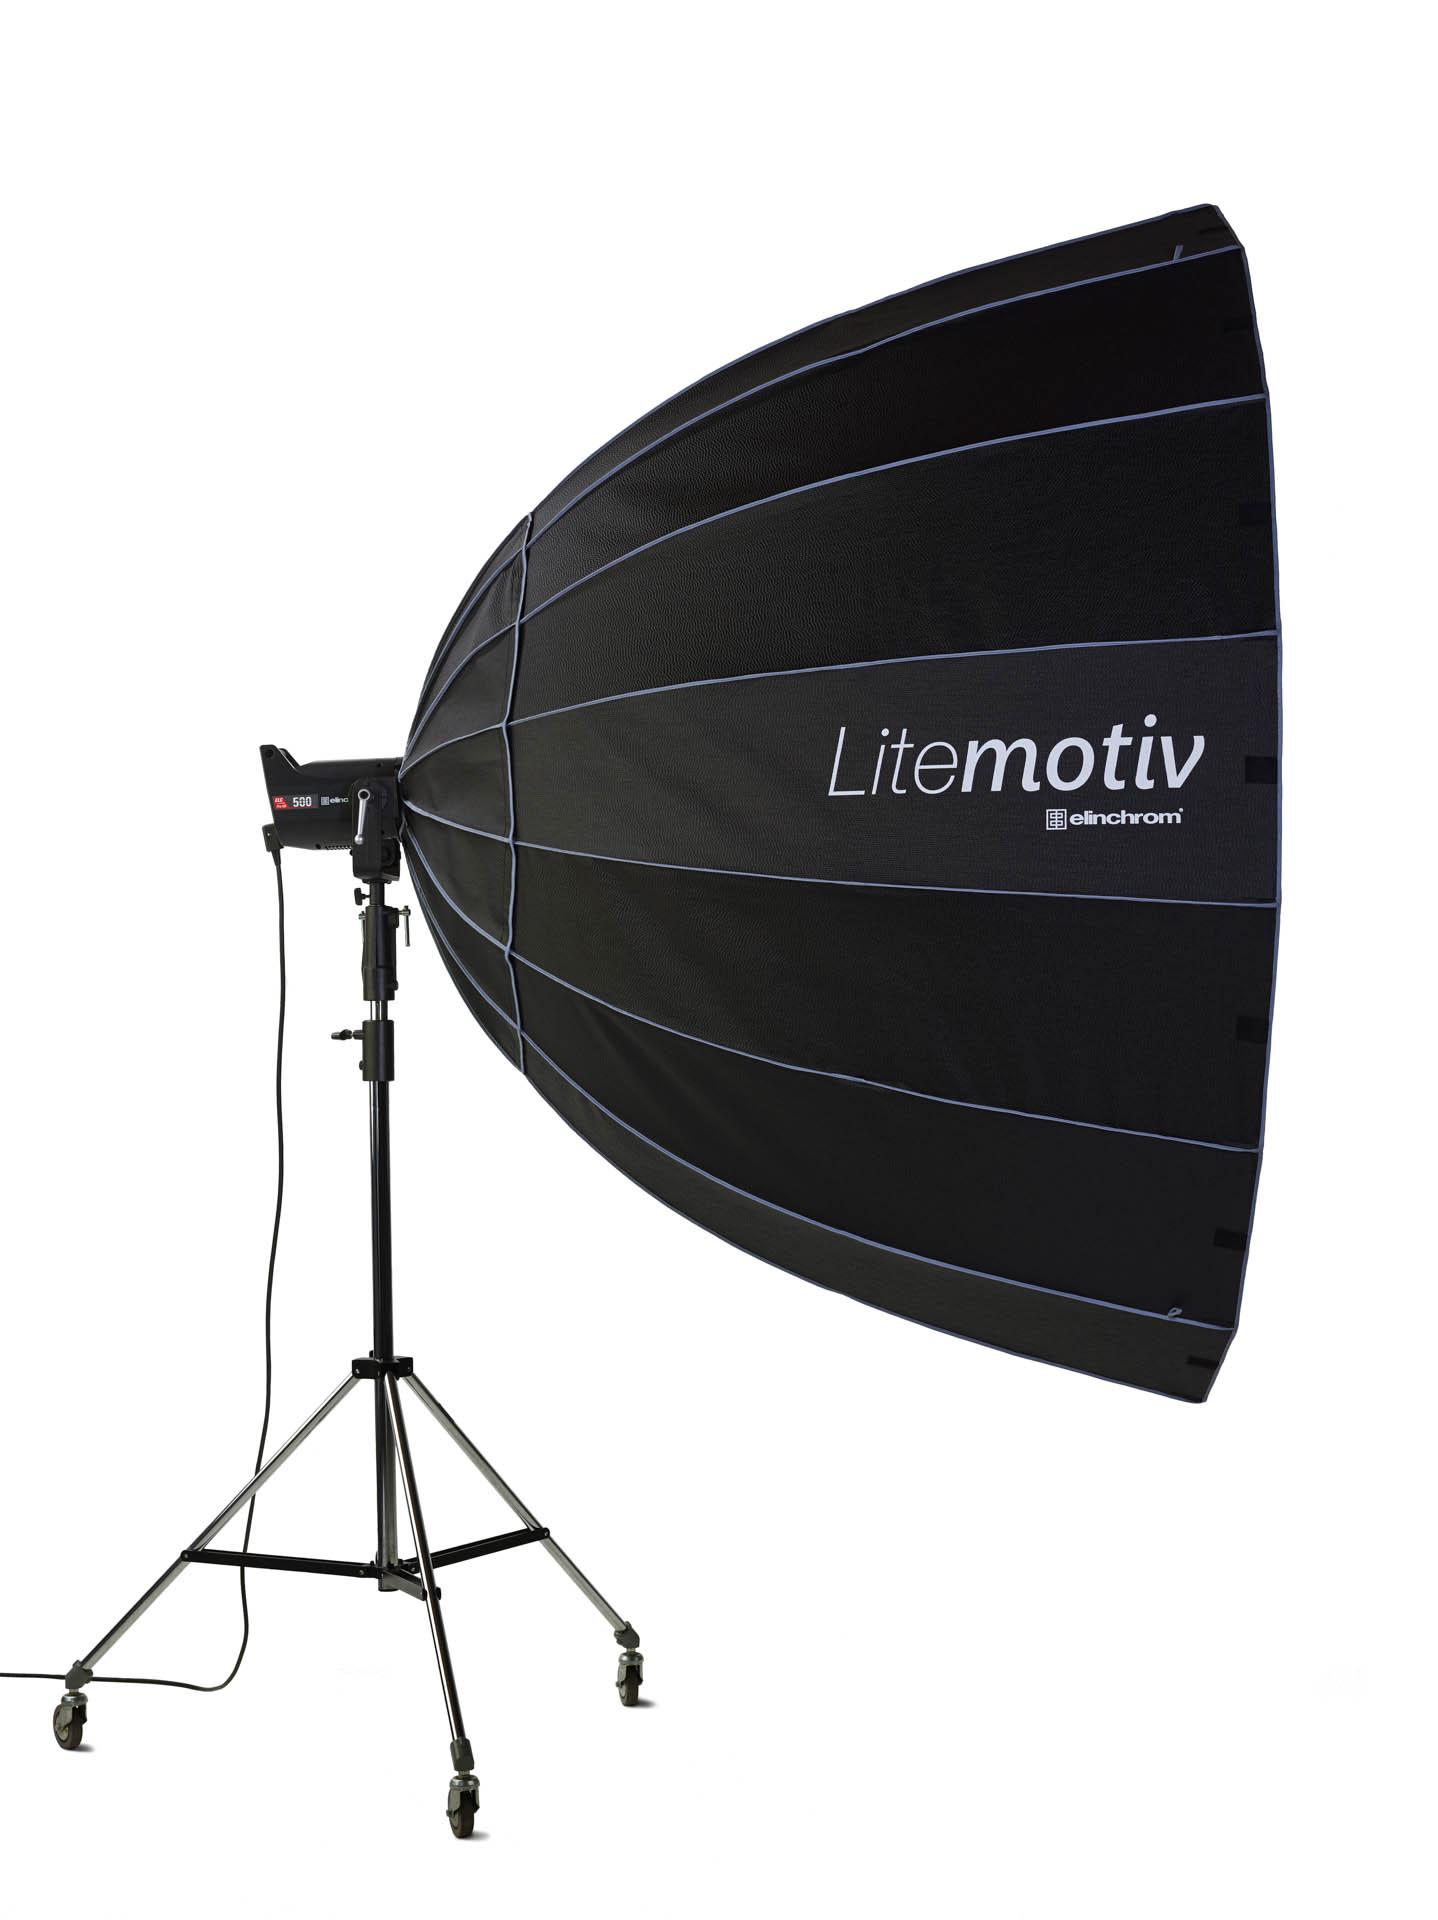 Elinchrom Litemotiv Softbox 190cm